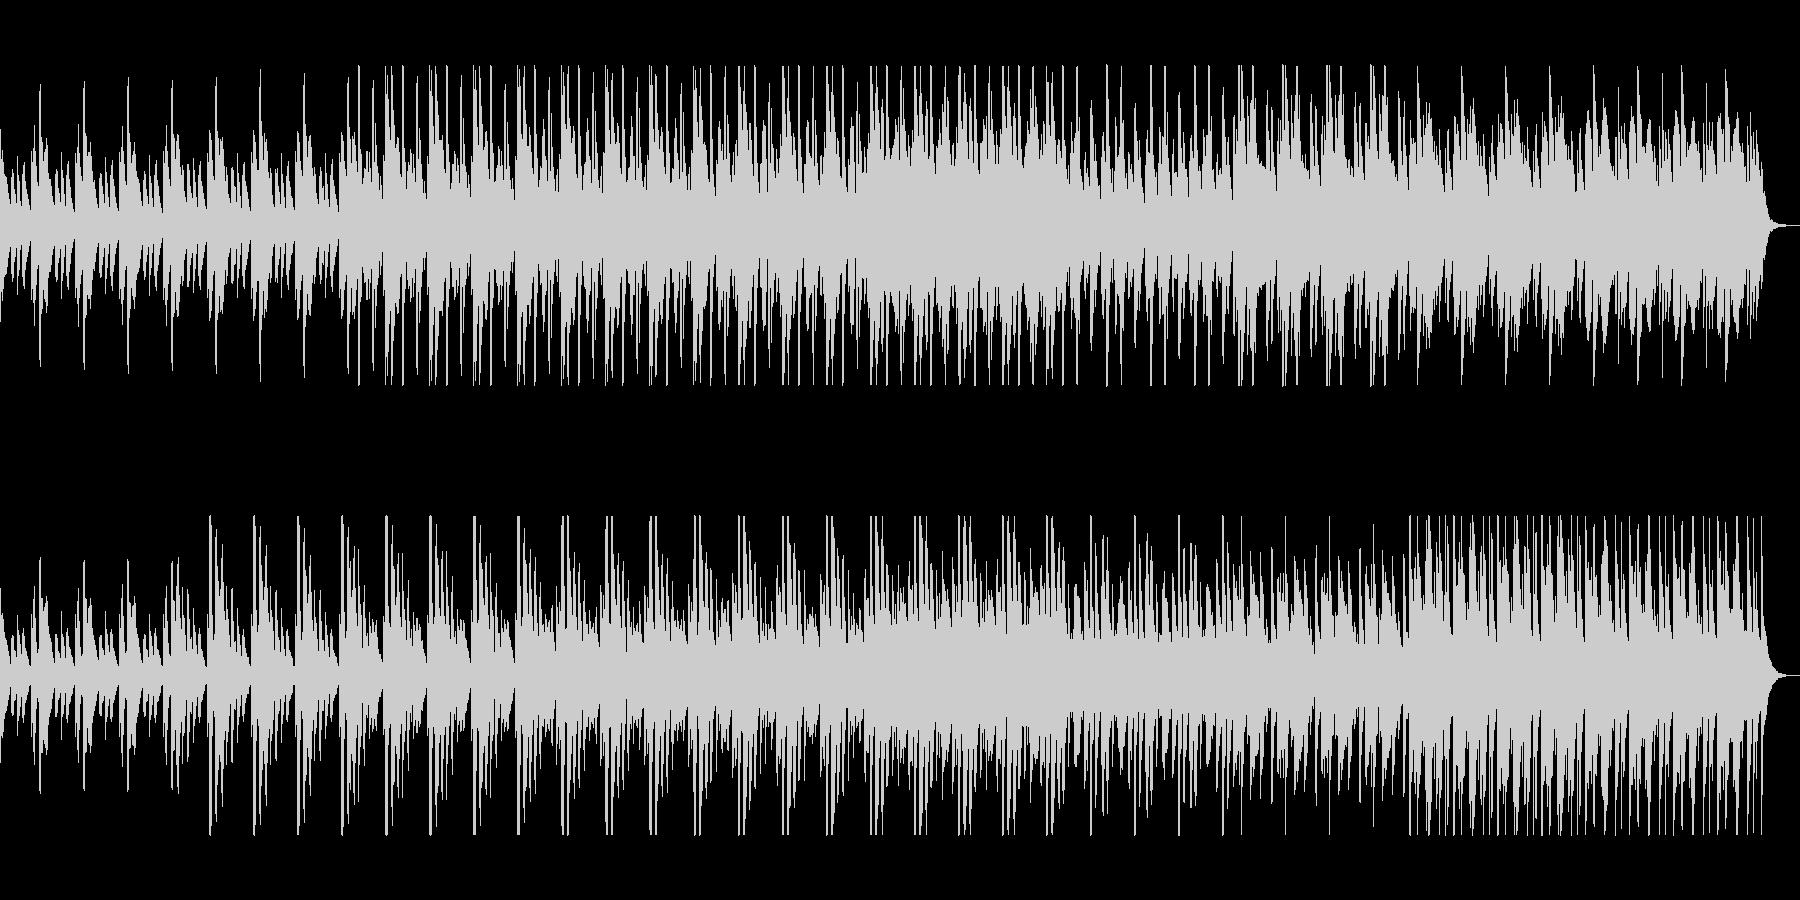 おしゃれで軽やかな打楽器木琴シンセの未再生の波形